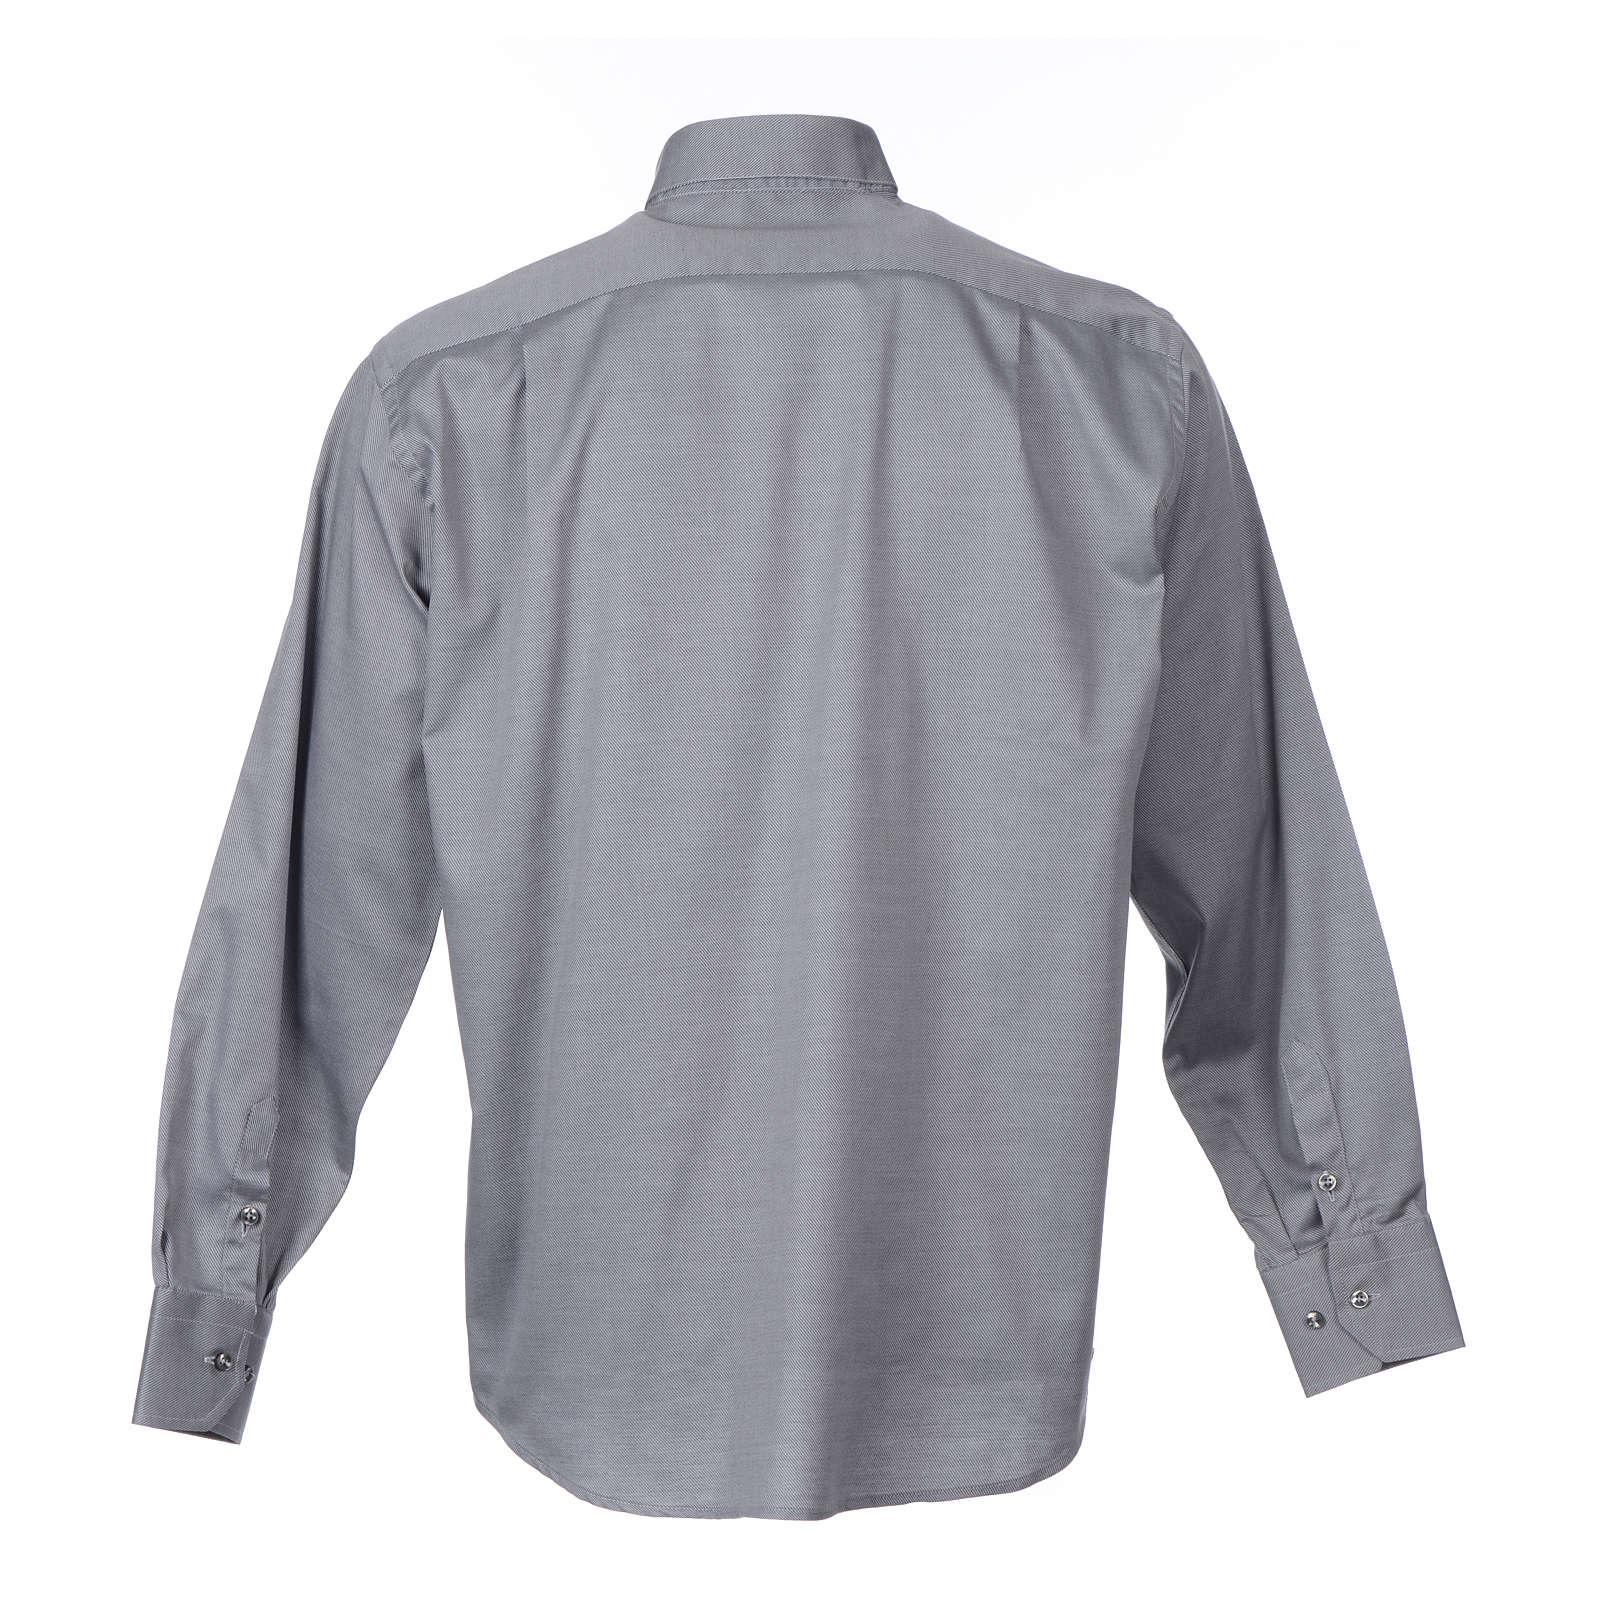 Collarhemd mit Langarm aus leicht zu bügelnden Baumwoll-Polyester-Mischgewebe mit Diagonalmuster in der Farbe Grau 4